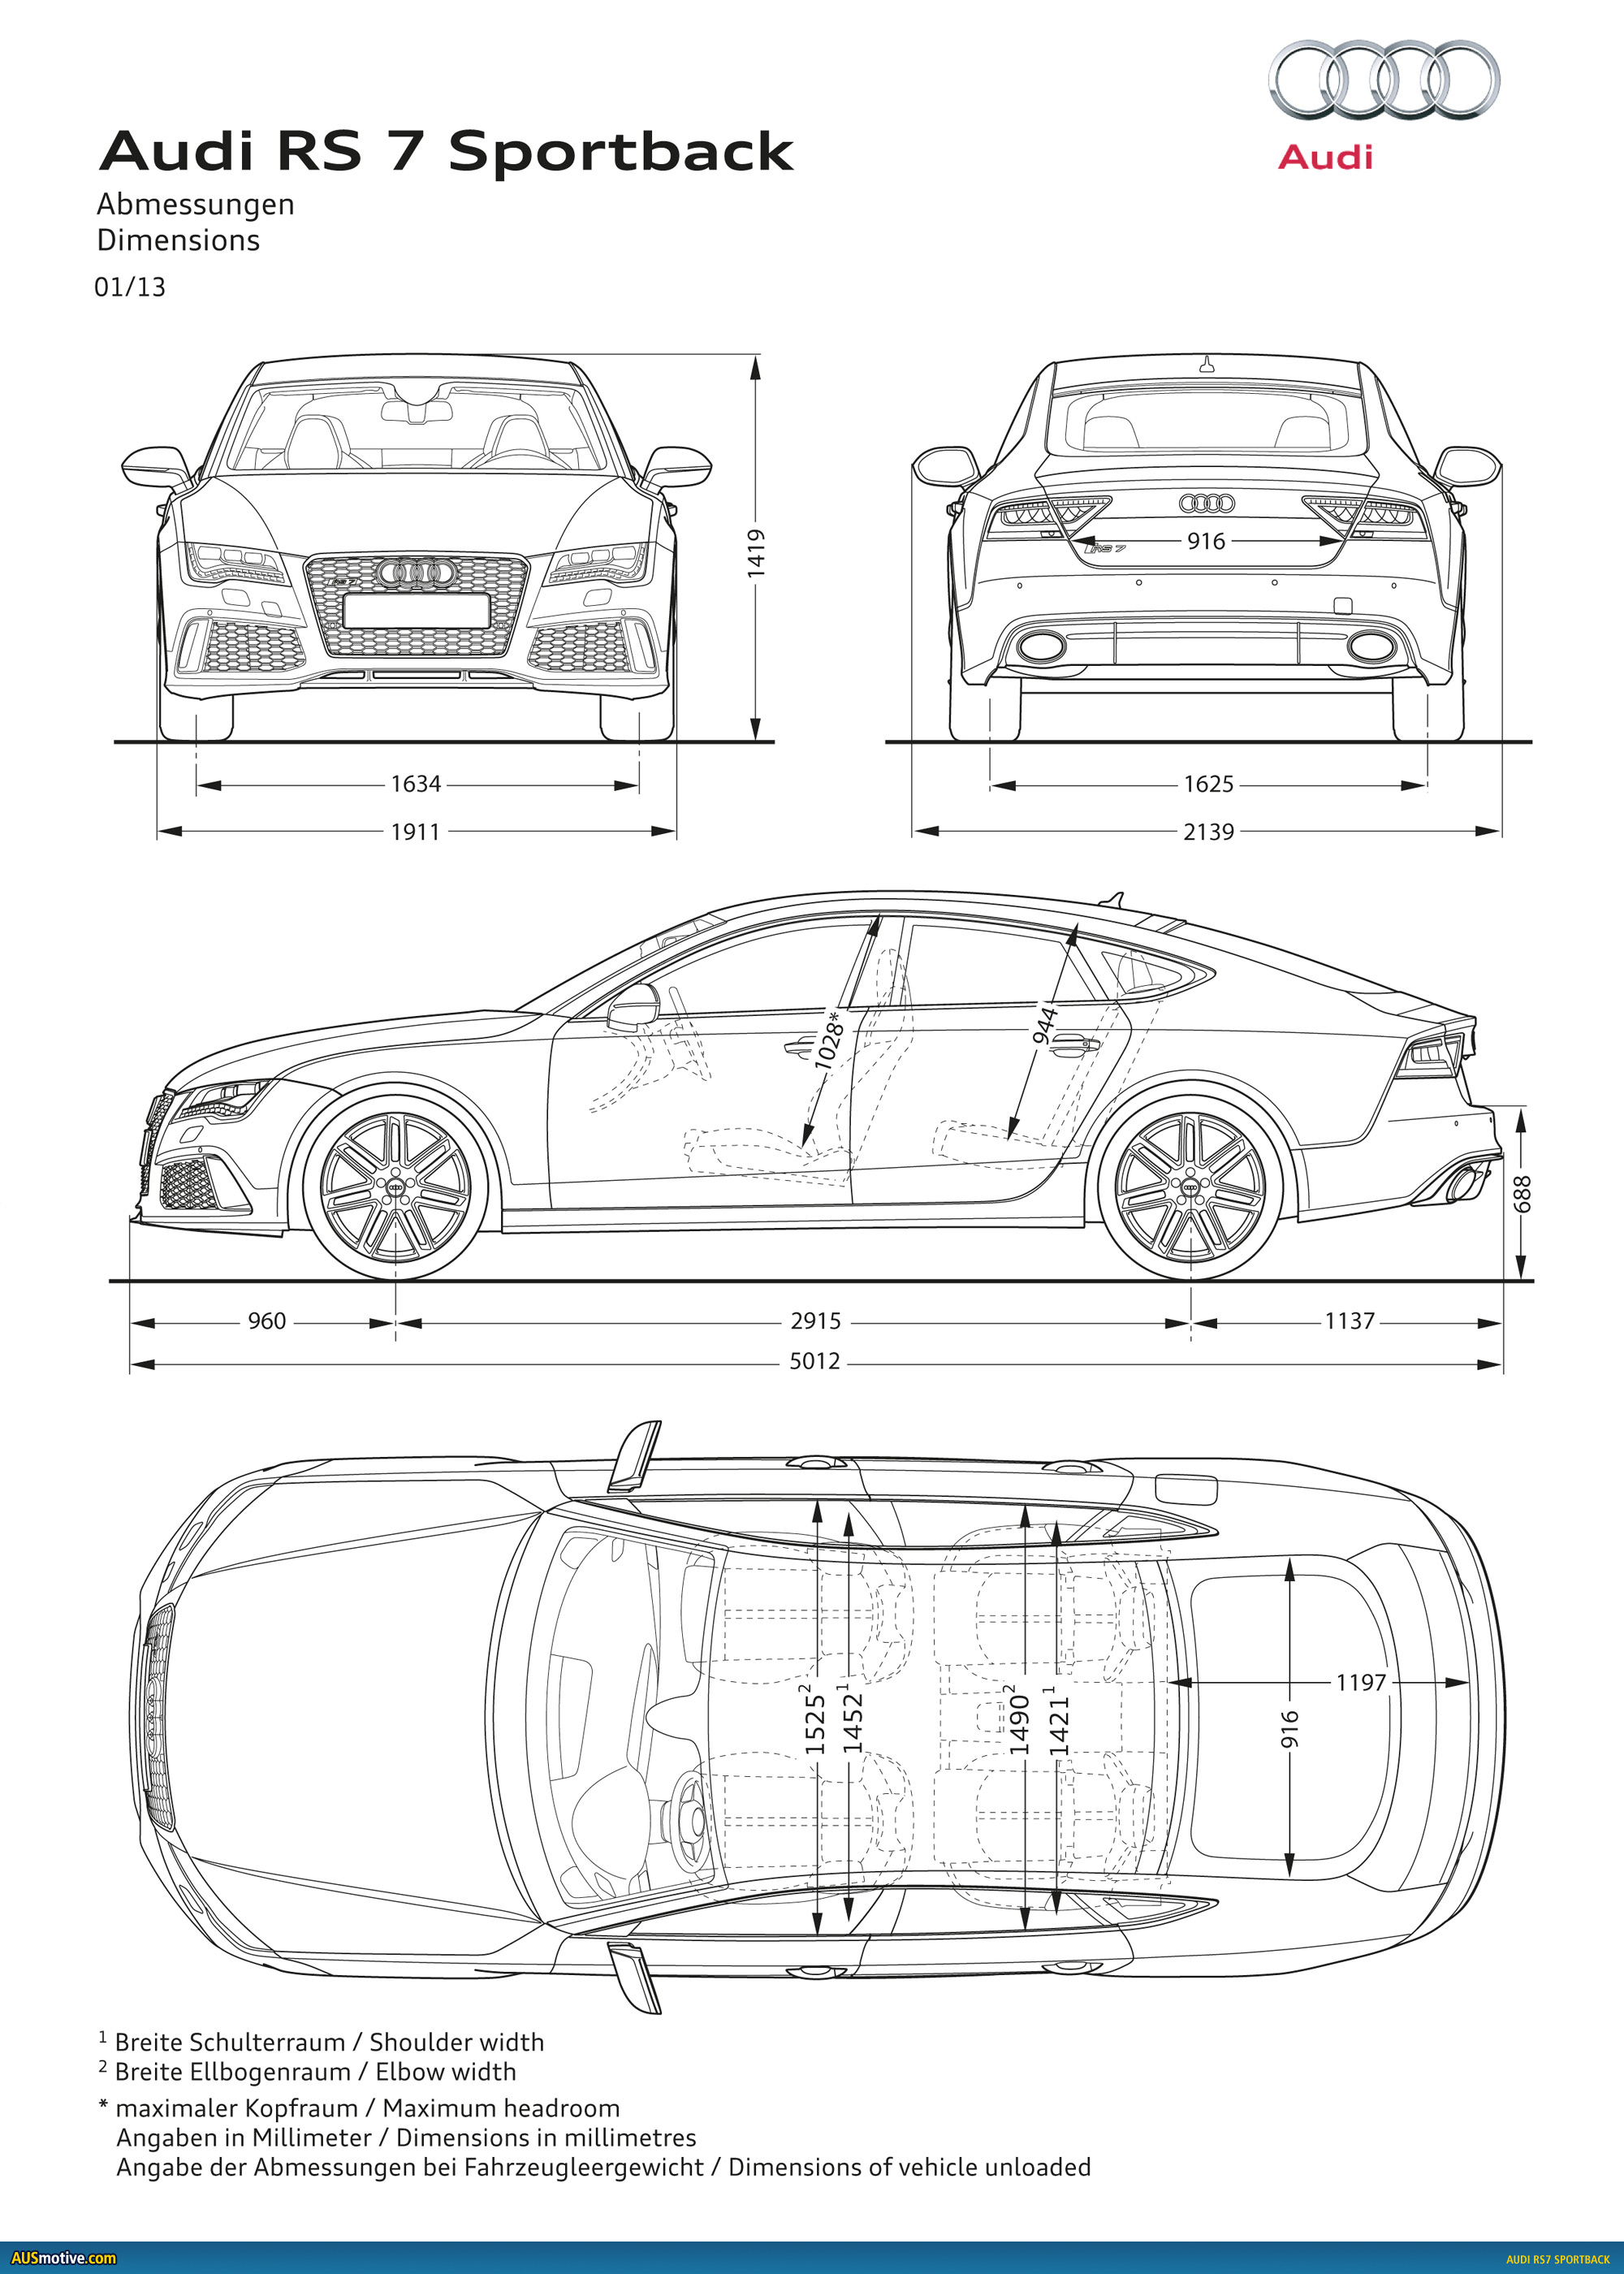 AUSmotive.com » Detroit 2013: Audi RS7 Sportback